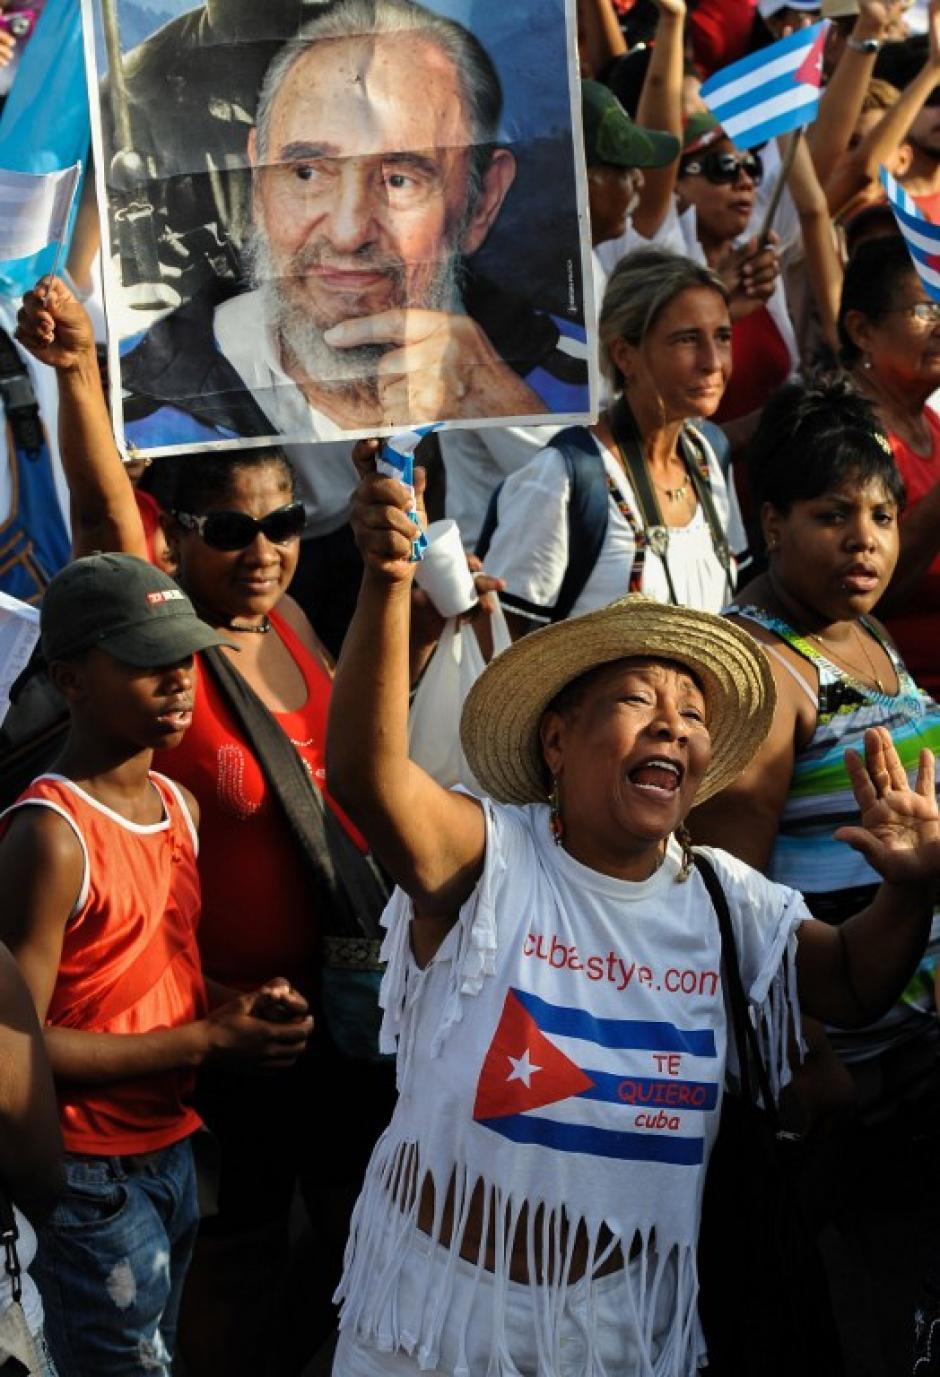 Una trabajadora cubana sostiene un cartel con el retrato del líder cubano Fidel Castro, en la manifestación que se realizó en la Plaza de la Revolución en la Habana. (Foto:AFP)